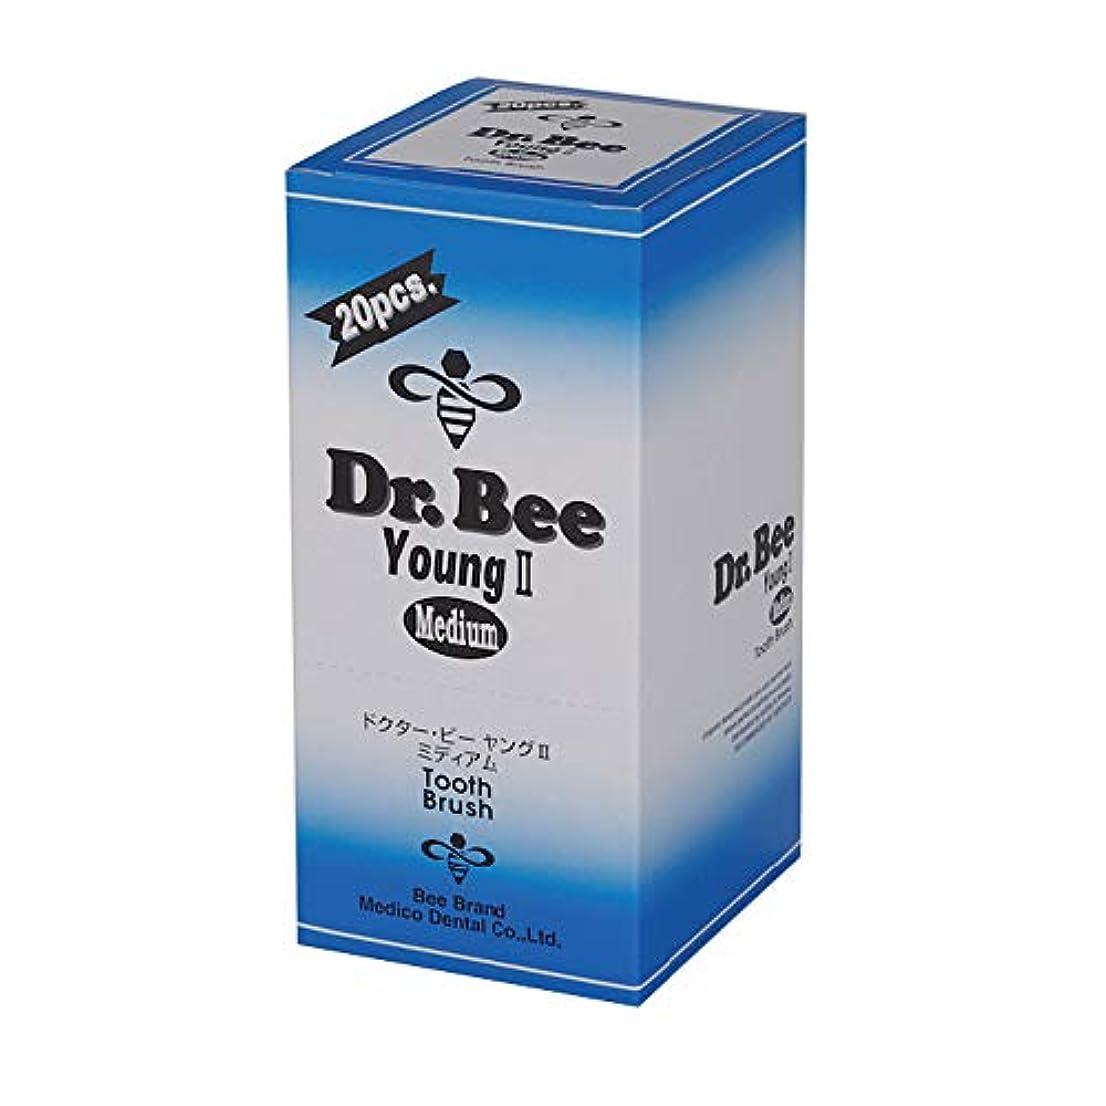 ねばねば機密参照Dr.Bee ヤングII ミディアム 20本入り